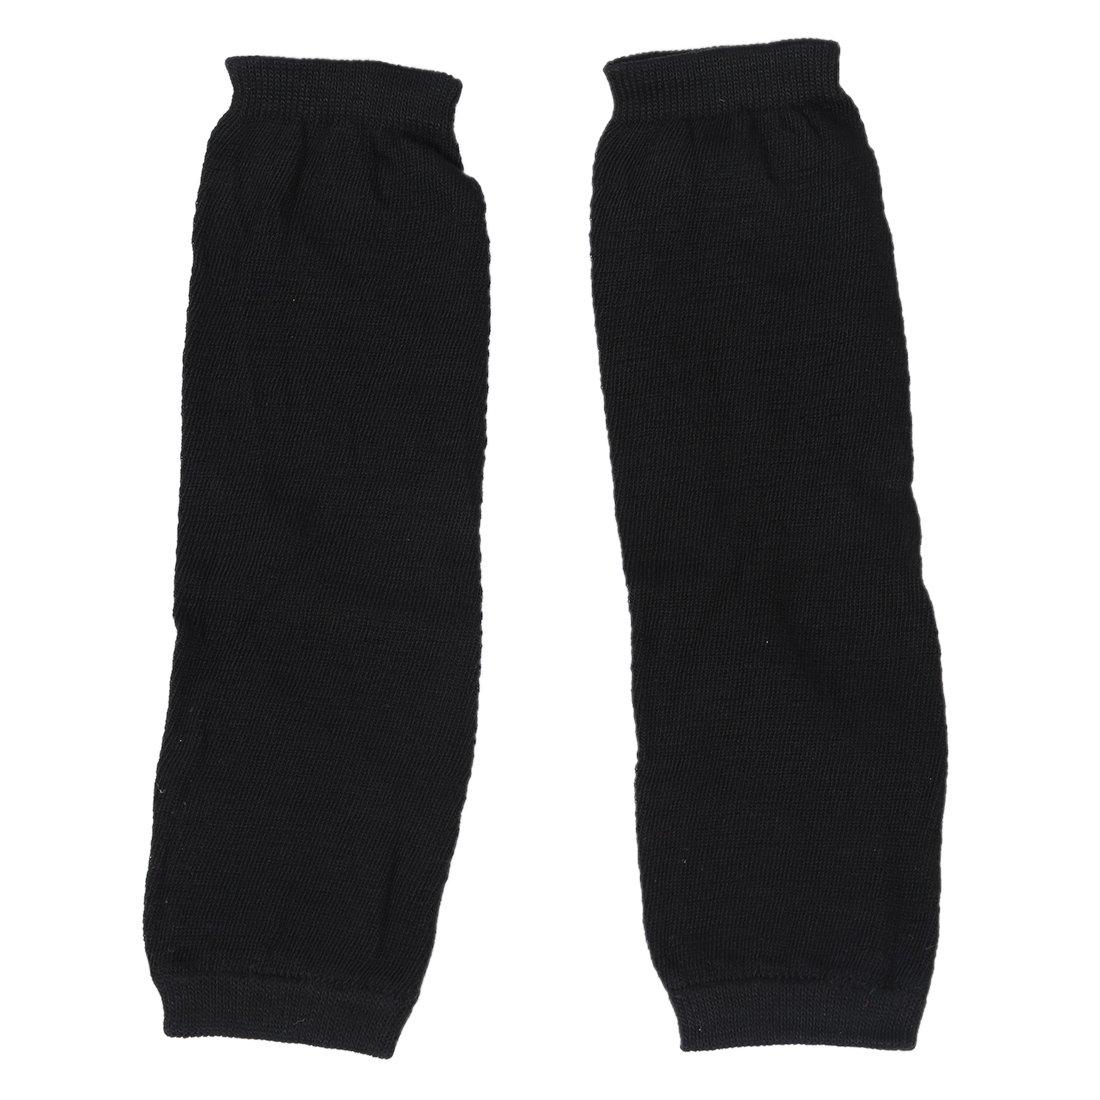 SODIAL (R) Guanti Lunghi Manicotti a maglia senza dita elastico da donna nero SODIAL(R) 009090